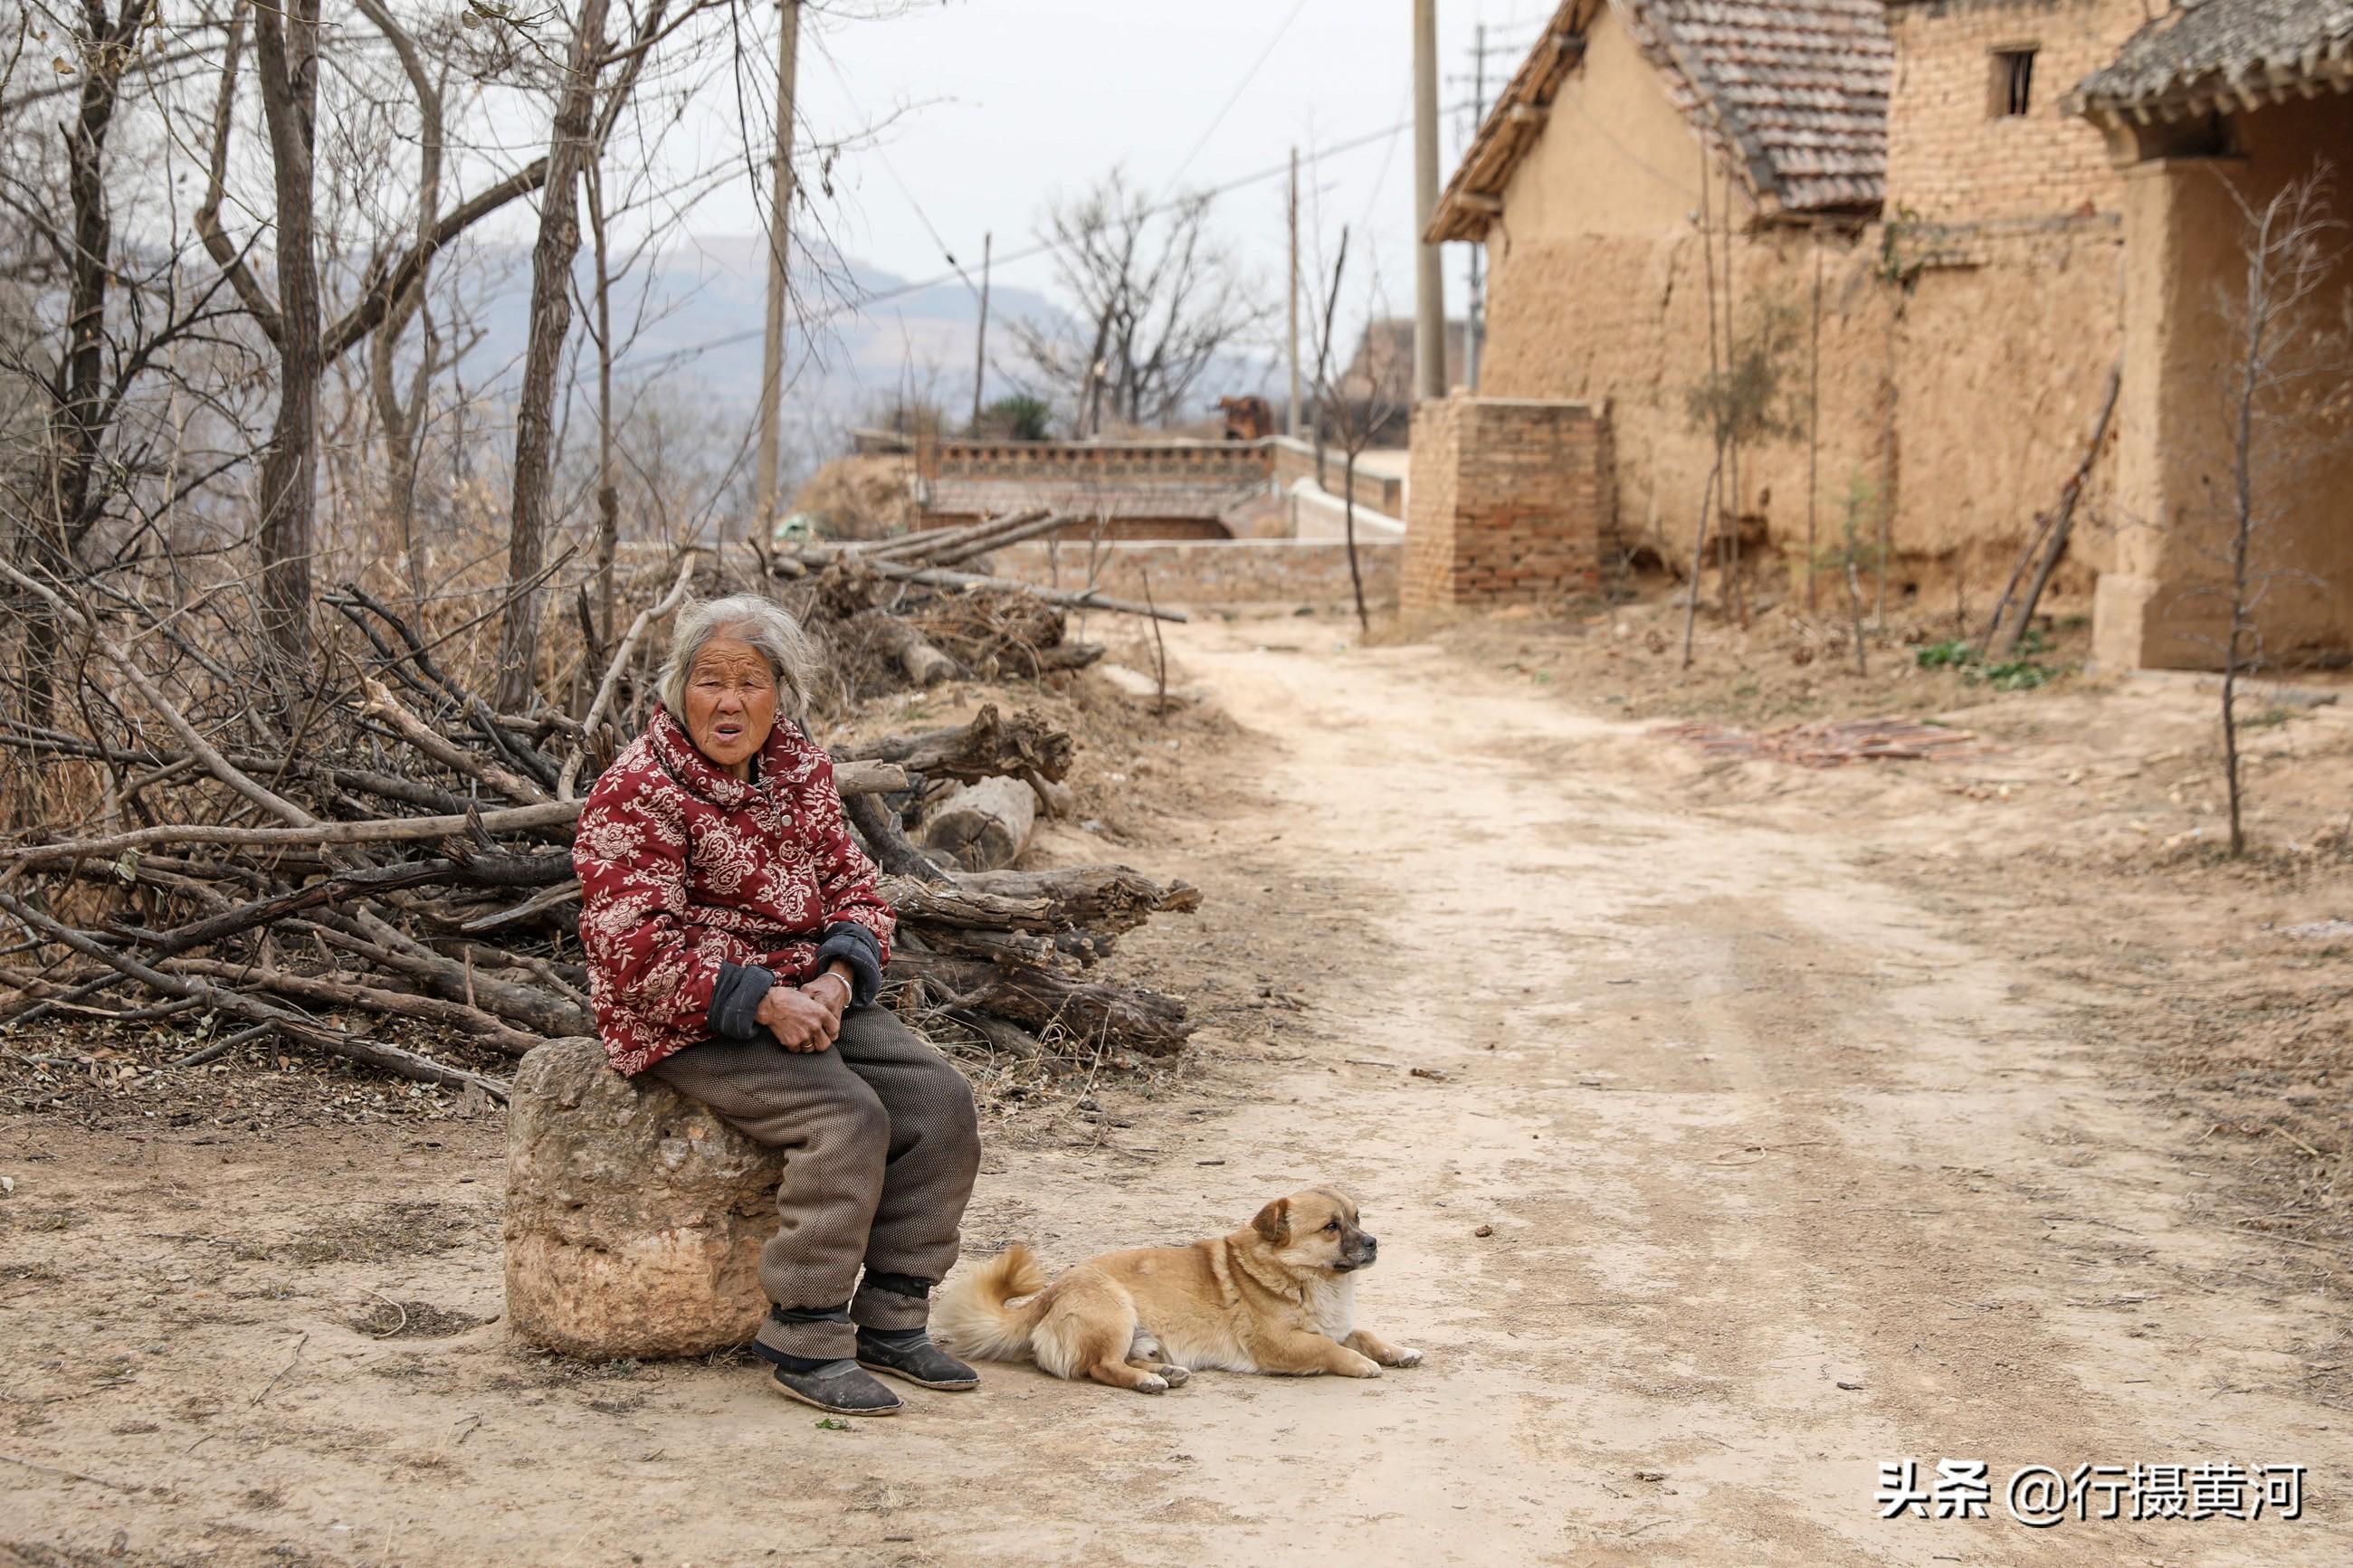 8旬奶奶3年間喪失2名親人,如今和狗狗相依為命,她活成啥樣子